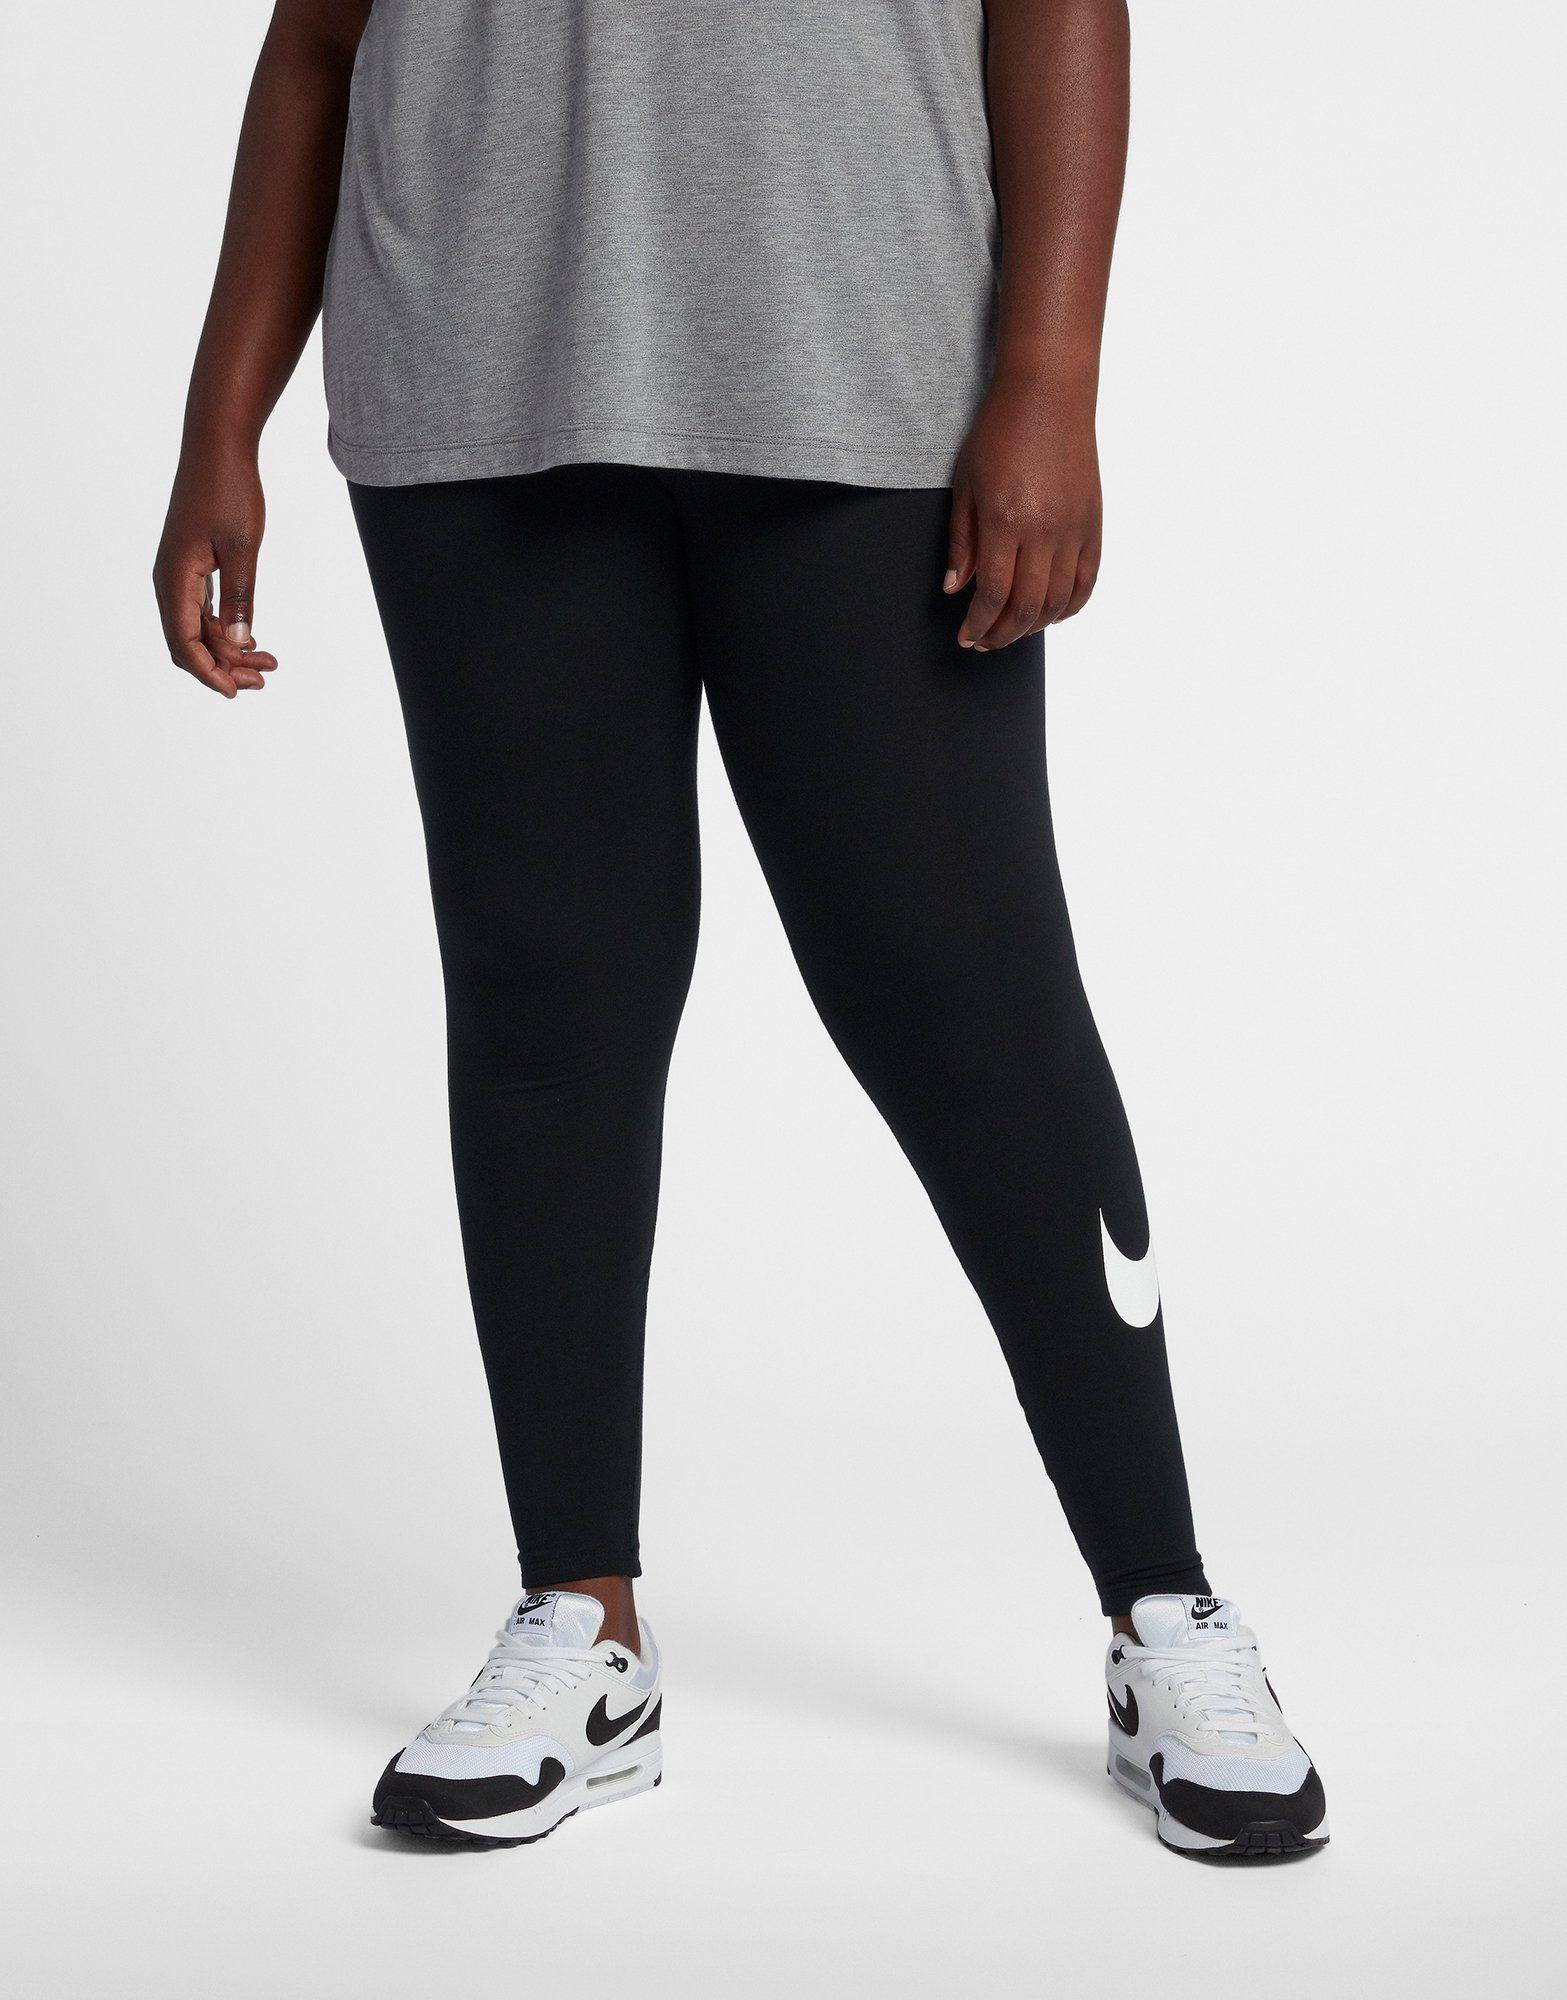 8431ff94135b1 NIKE Nike Sportswear Women's Leggings (Plus Size) | JD Sports